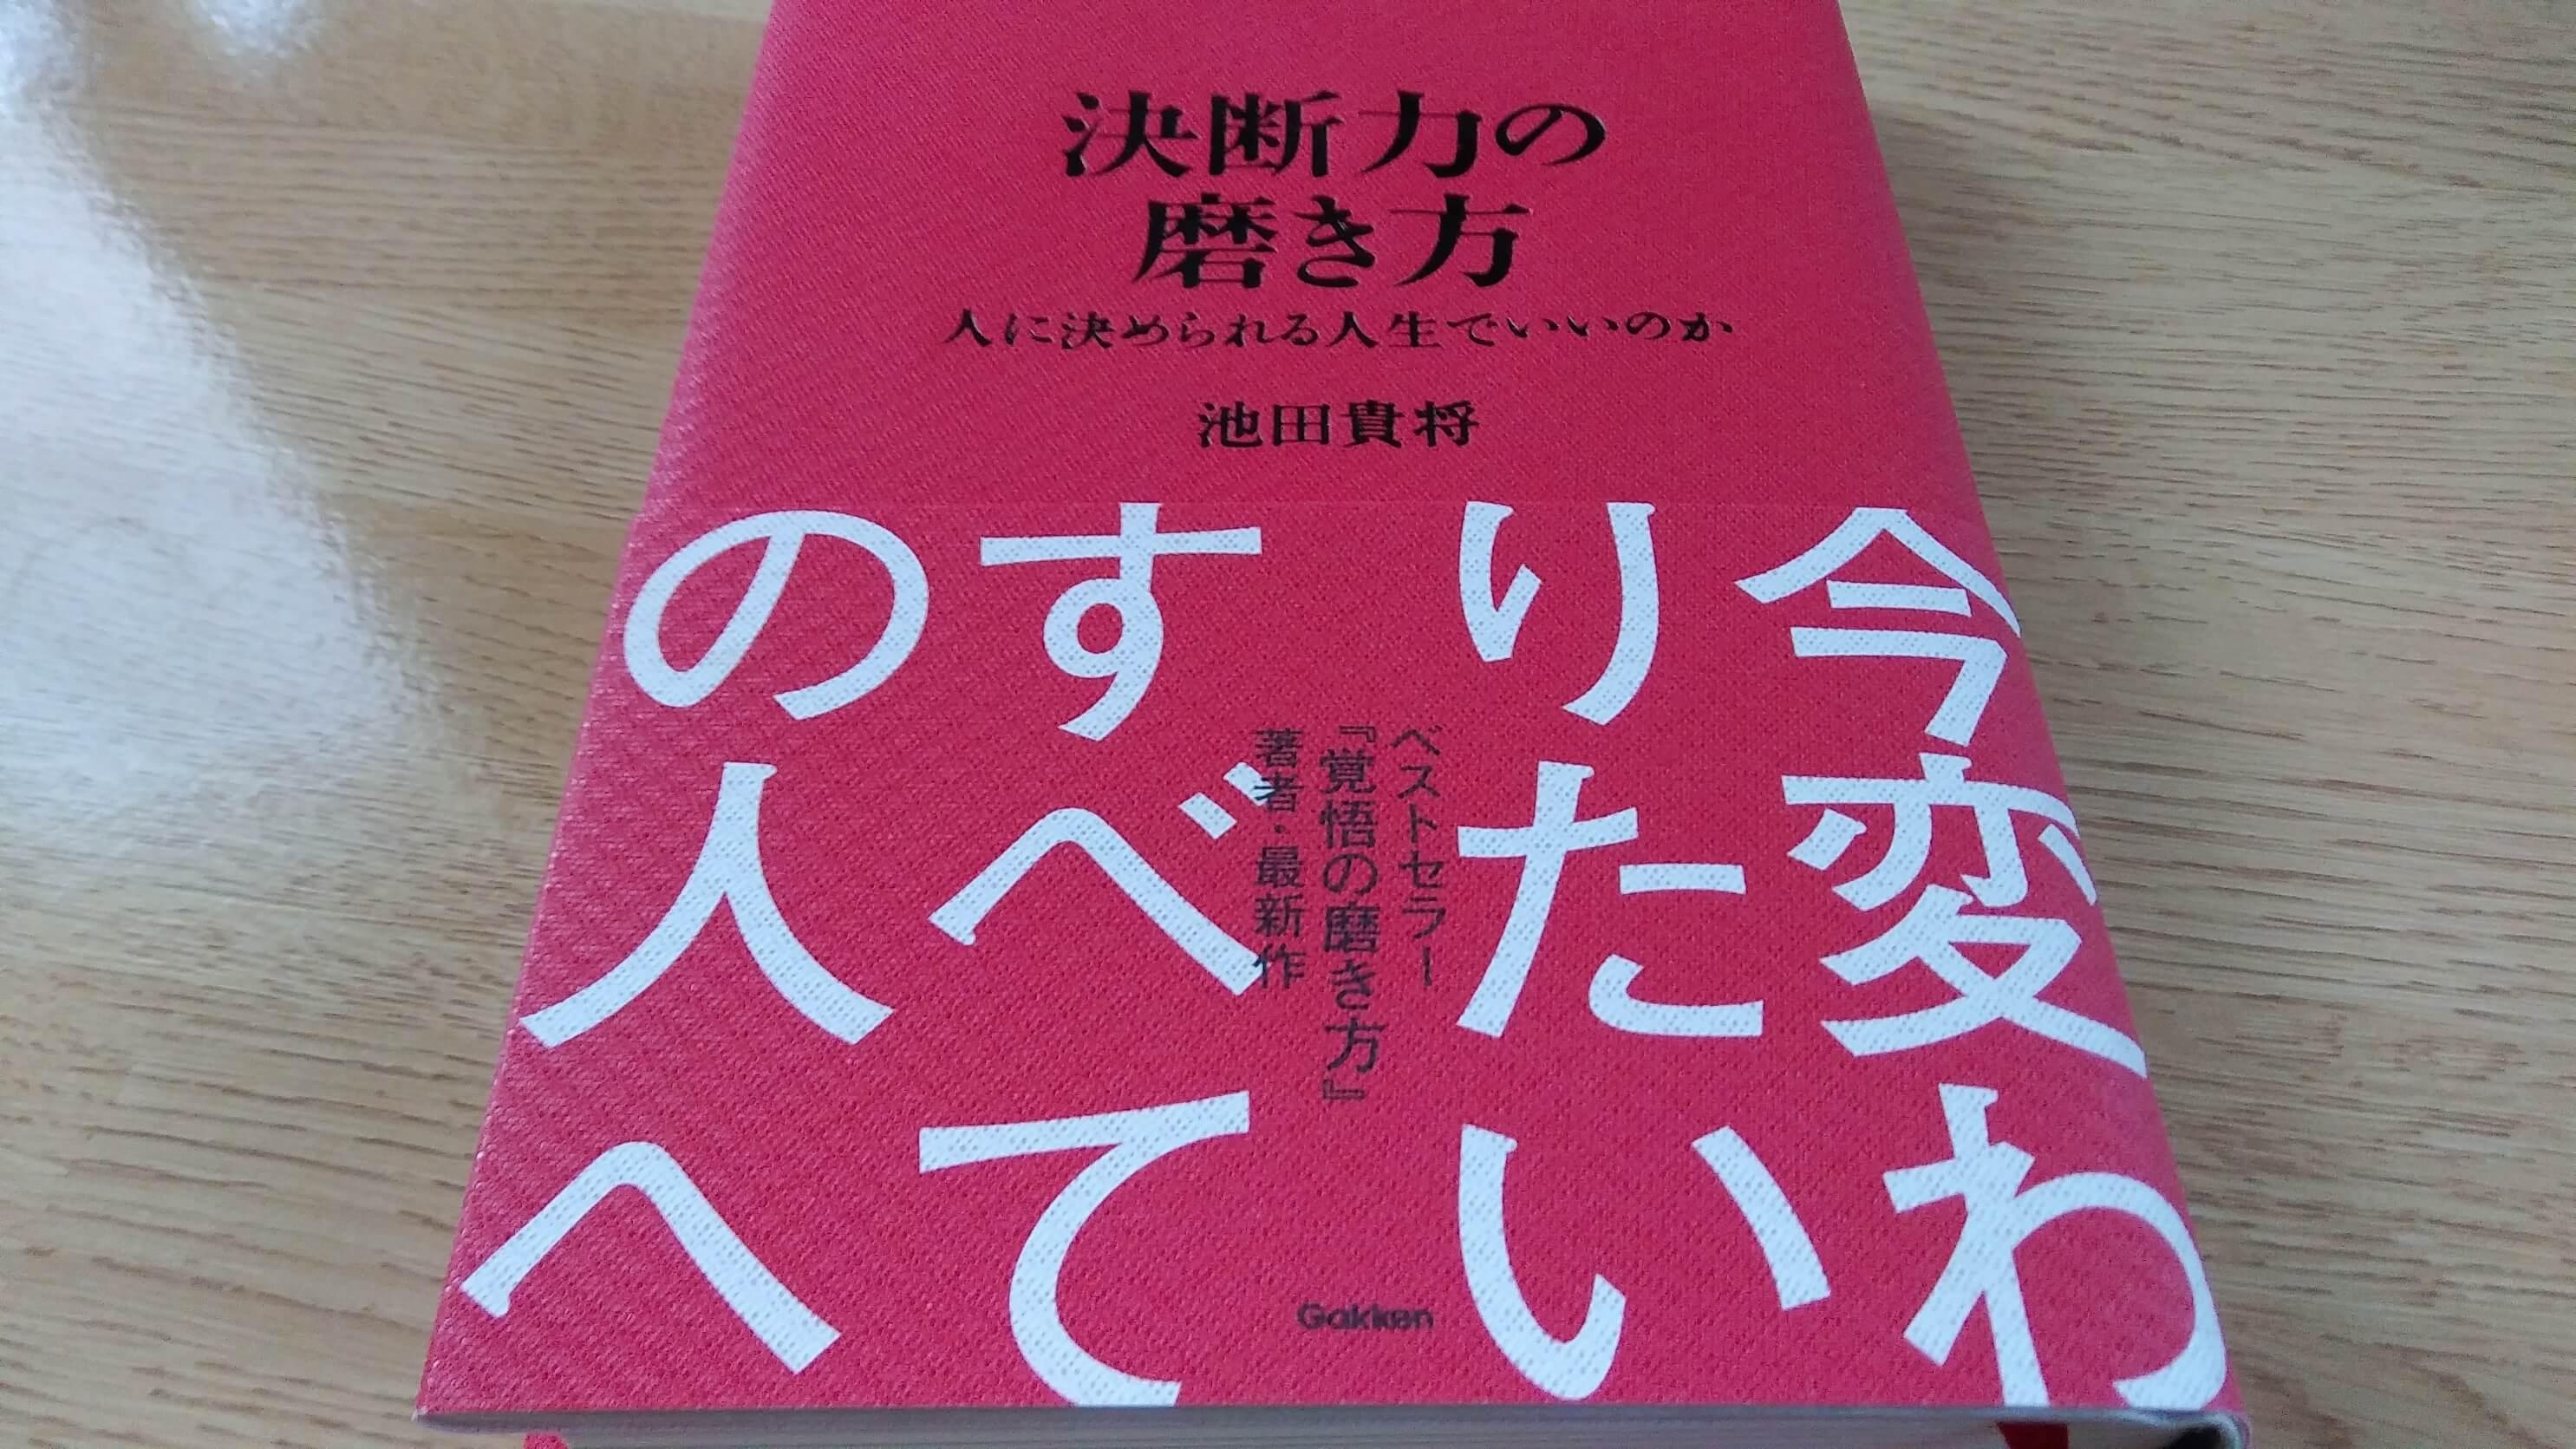 決断力の磨き方の本のレビュー